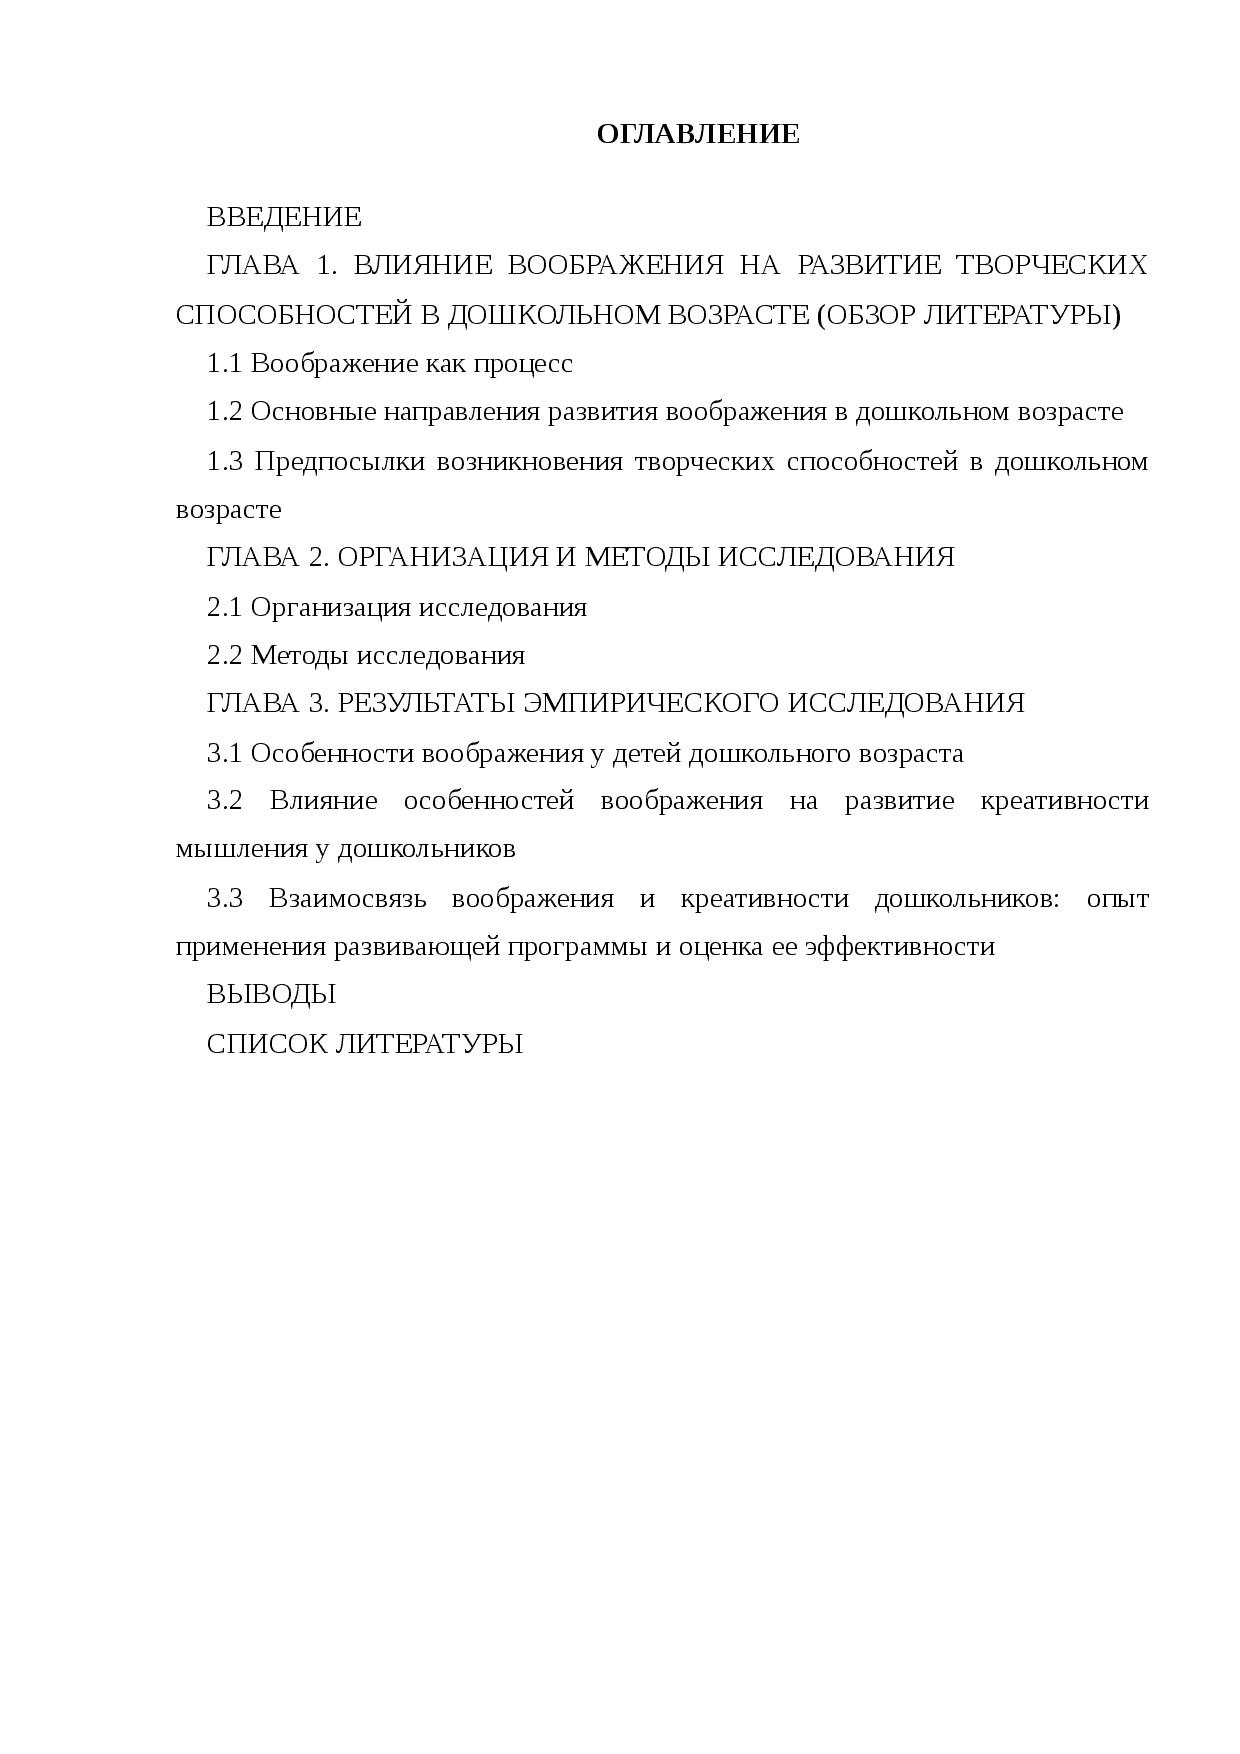 Представление о способностях в психологии